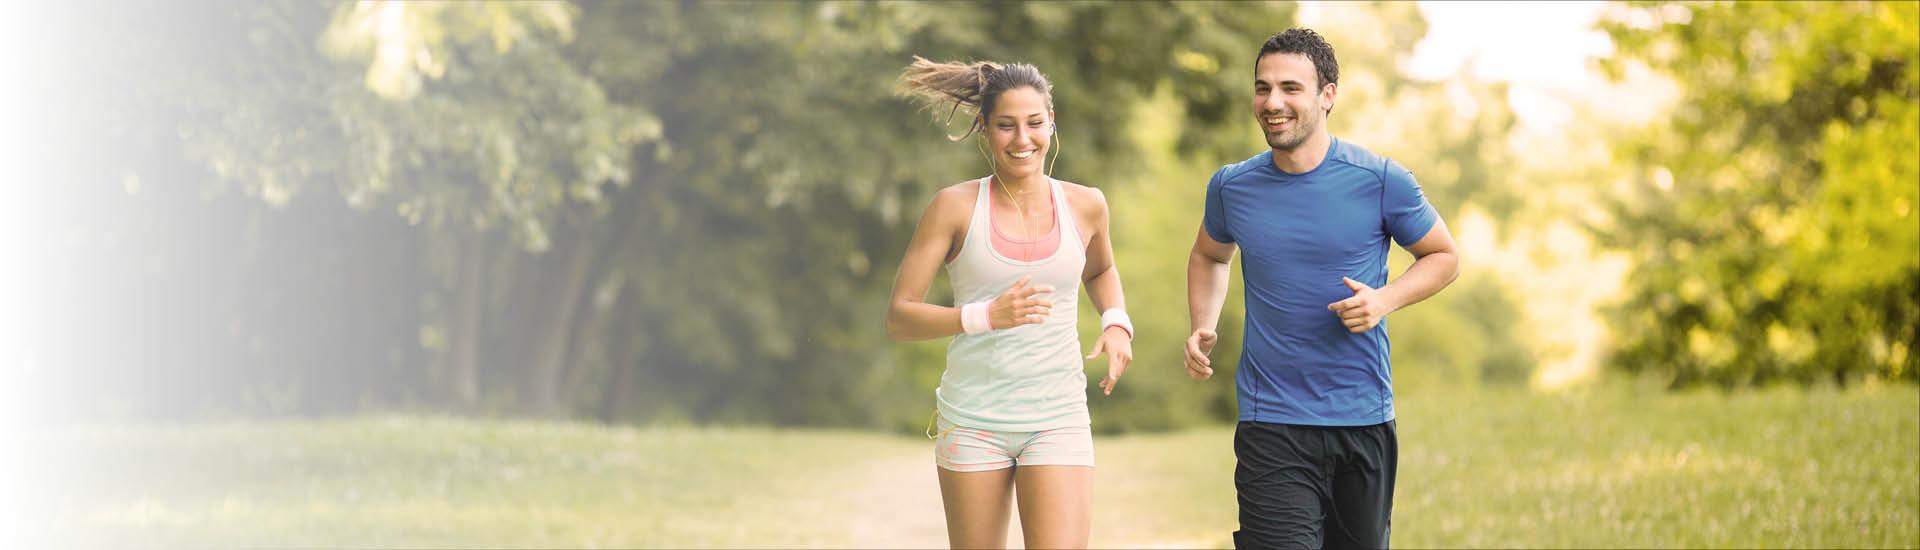 uncpn-practice-banners-runners.jpg